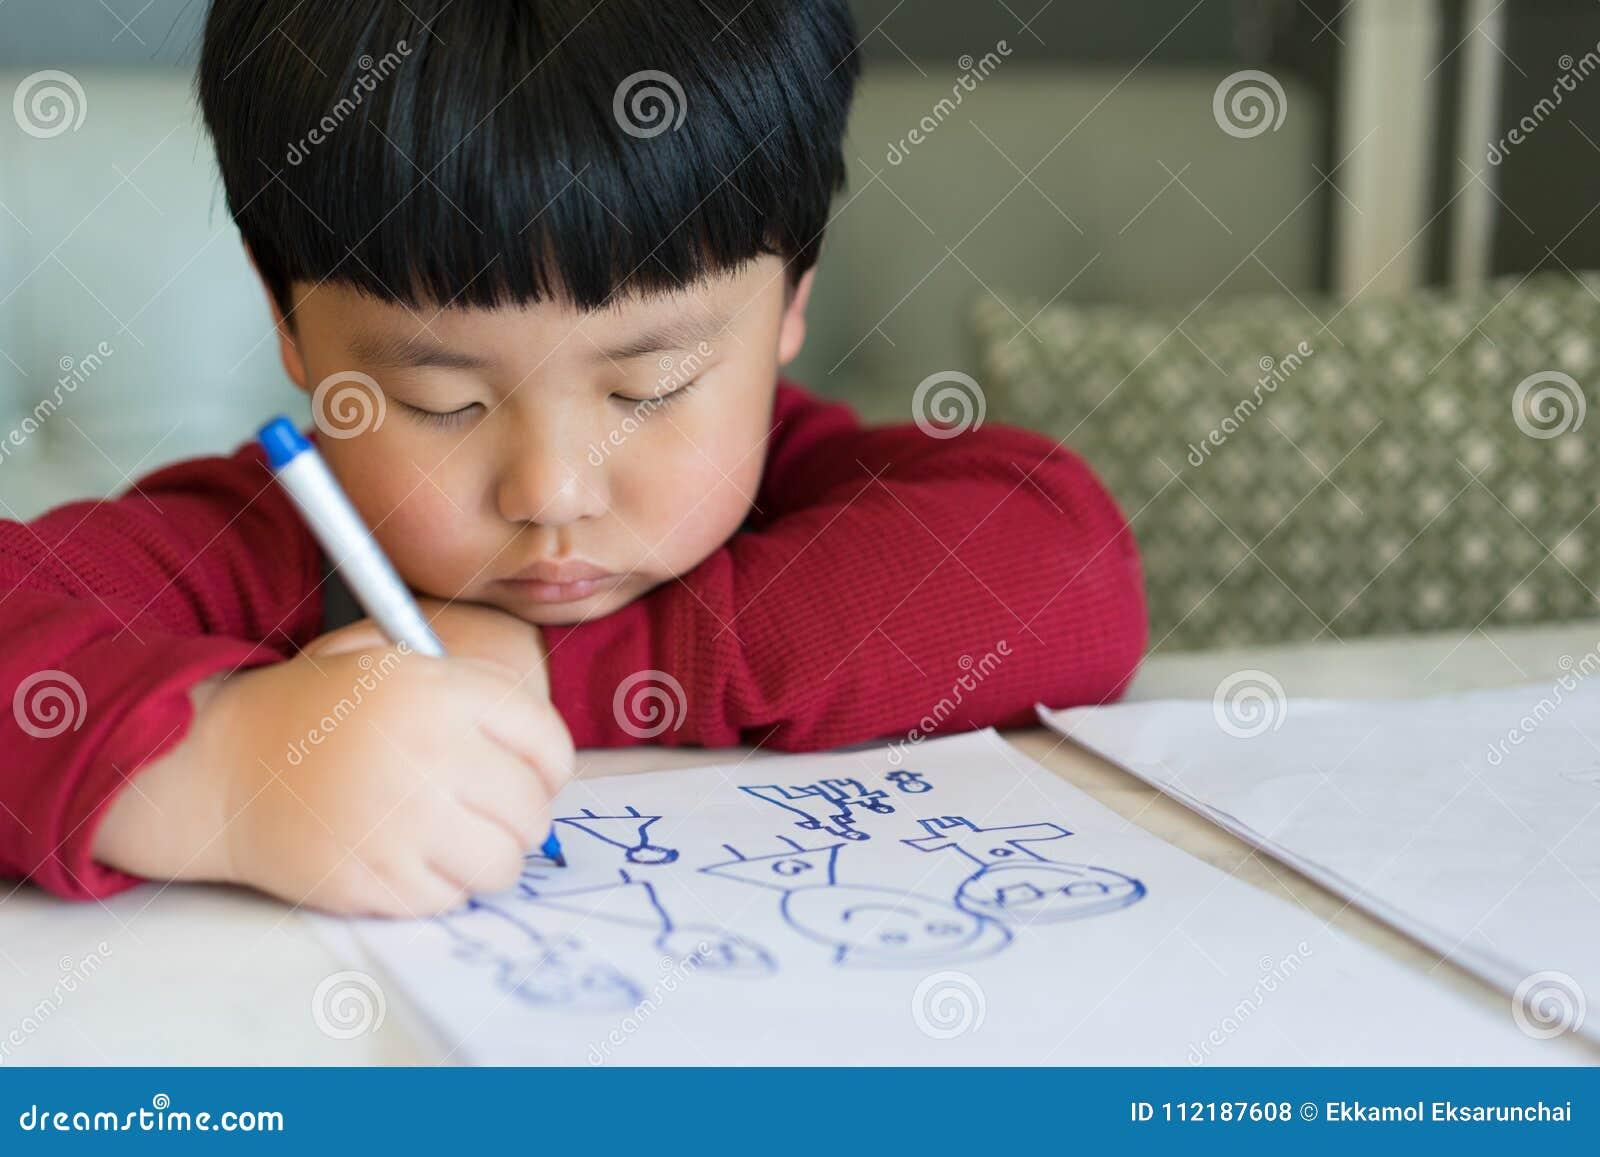 Un muchacho asiático está dibujando una imagen